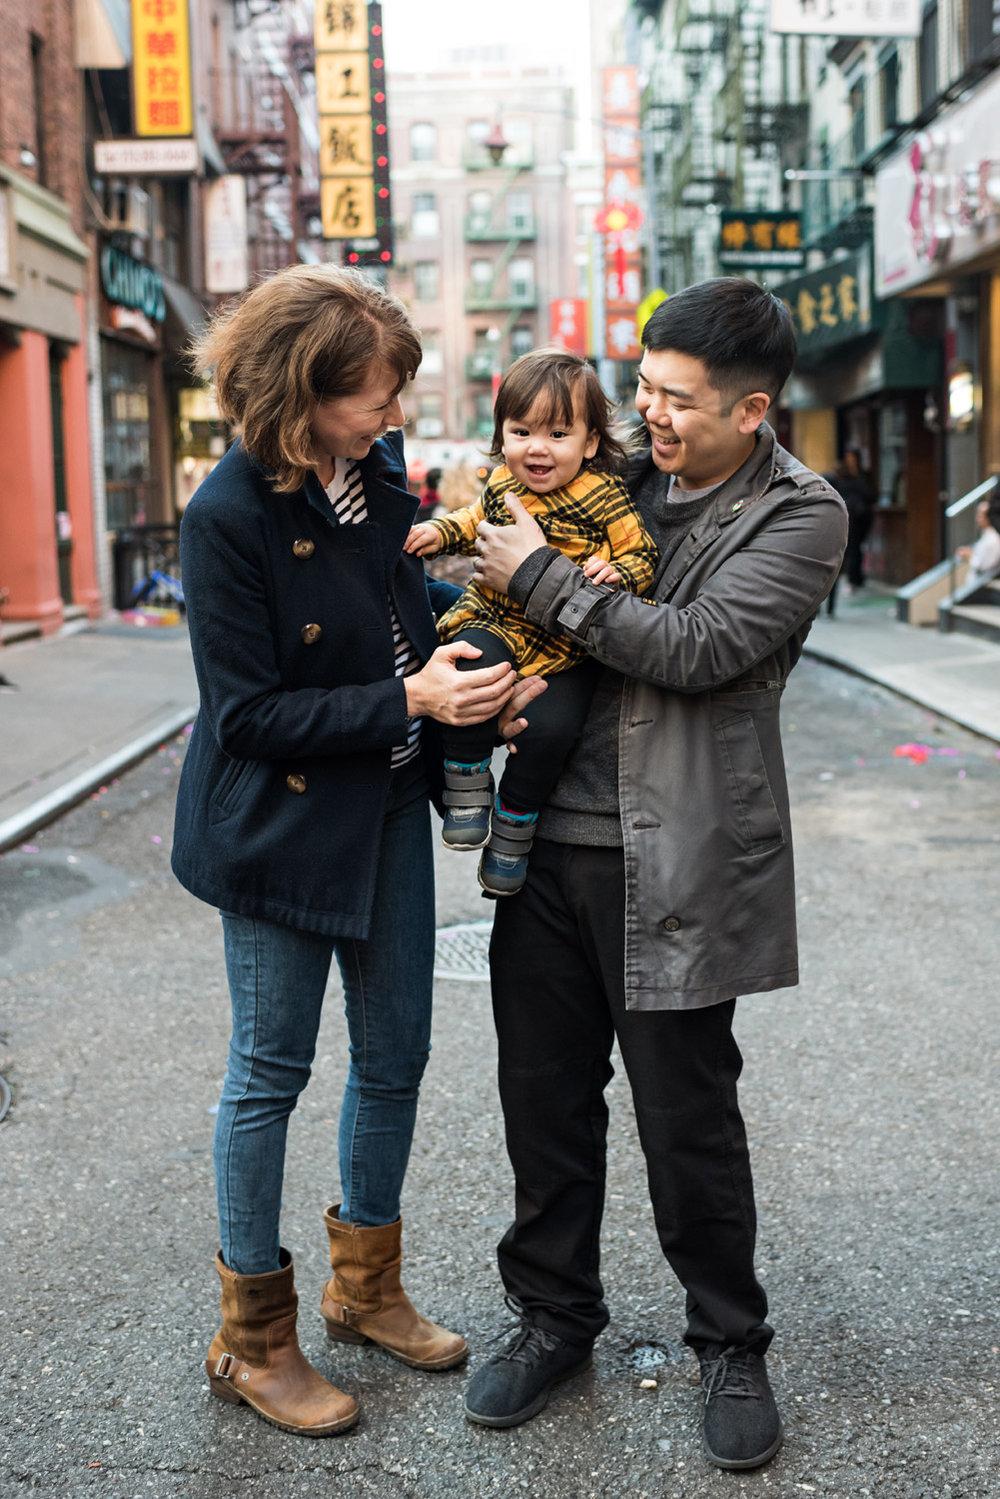 Chinatown Family Photographer-10202018_005.jpg